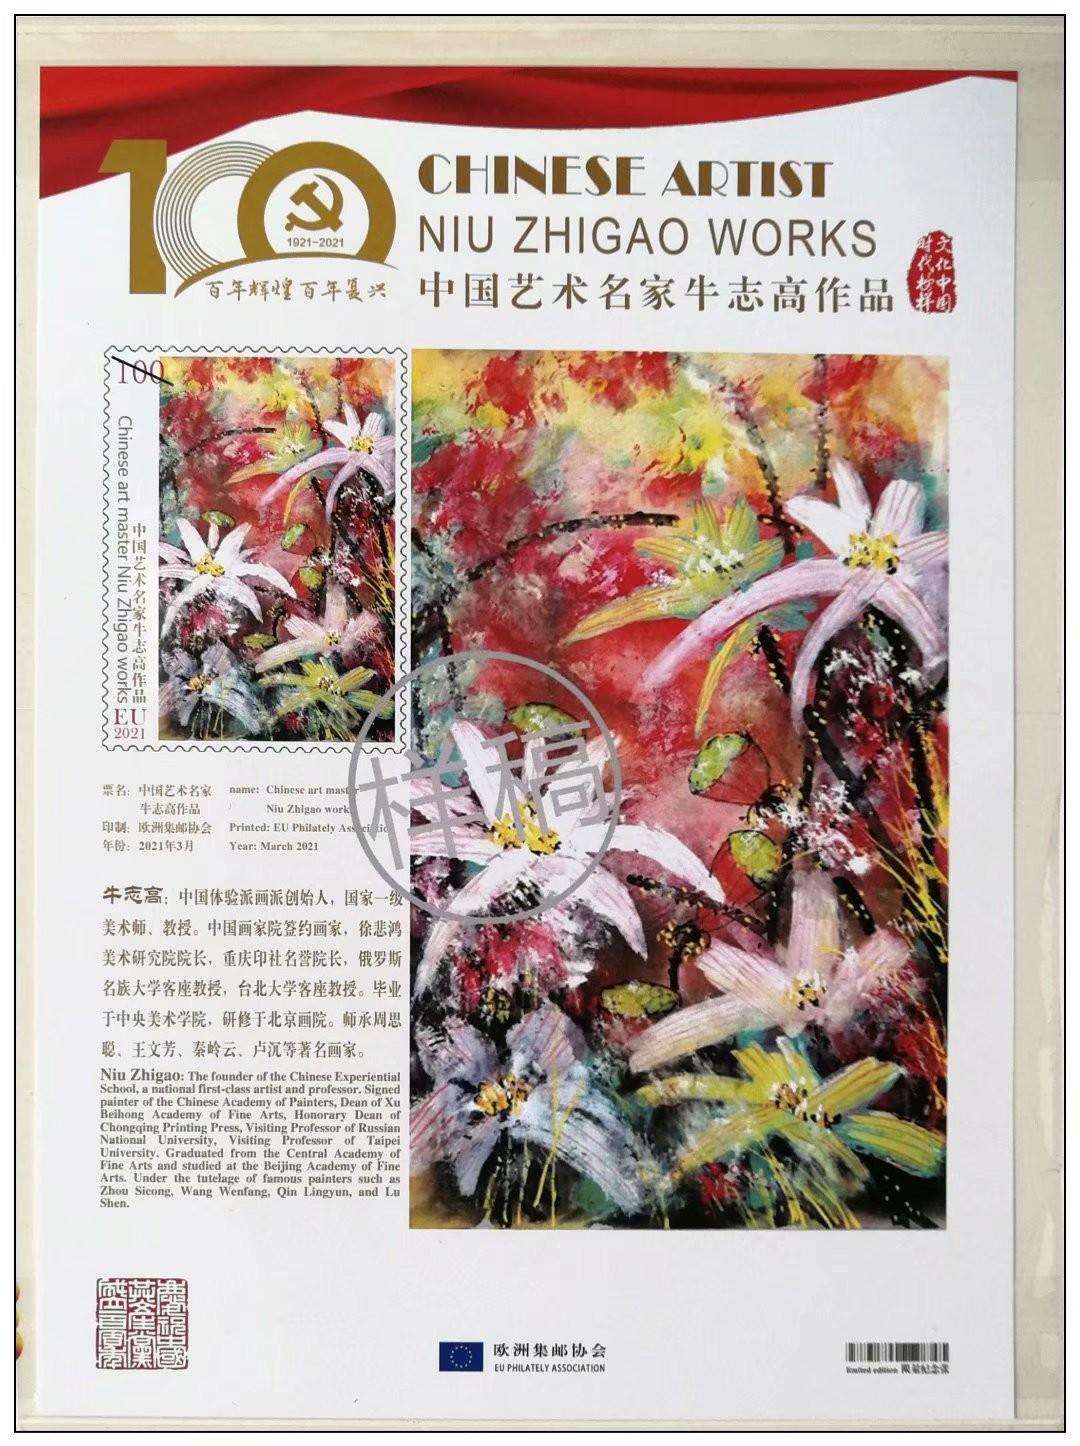 庆祝中国共产党成立100周年---牛志高书画集邮册面世2021.03.15_图1-17